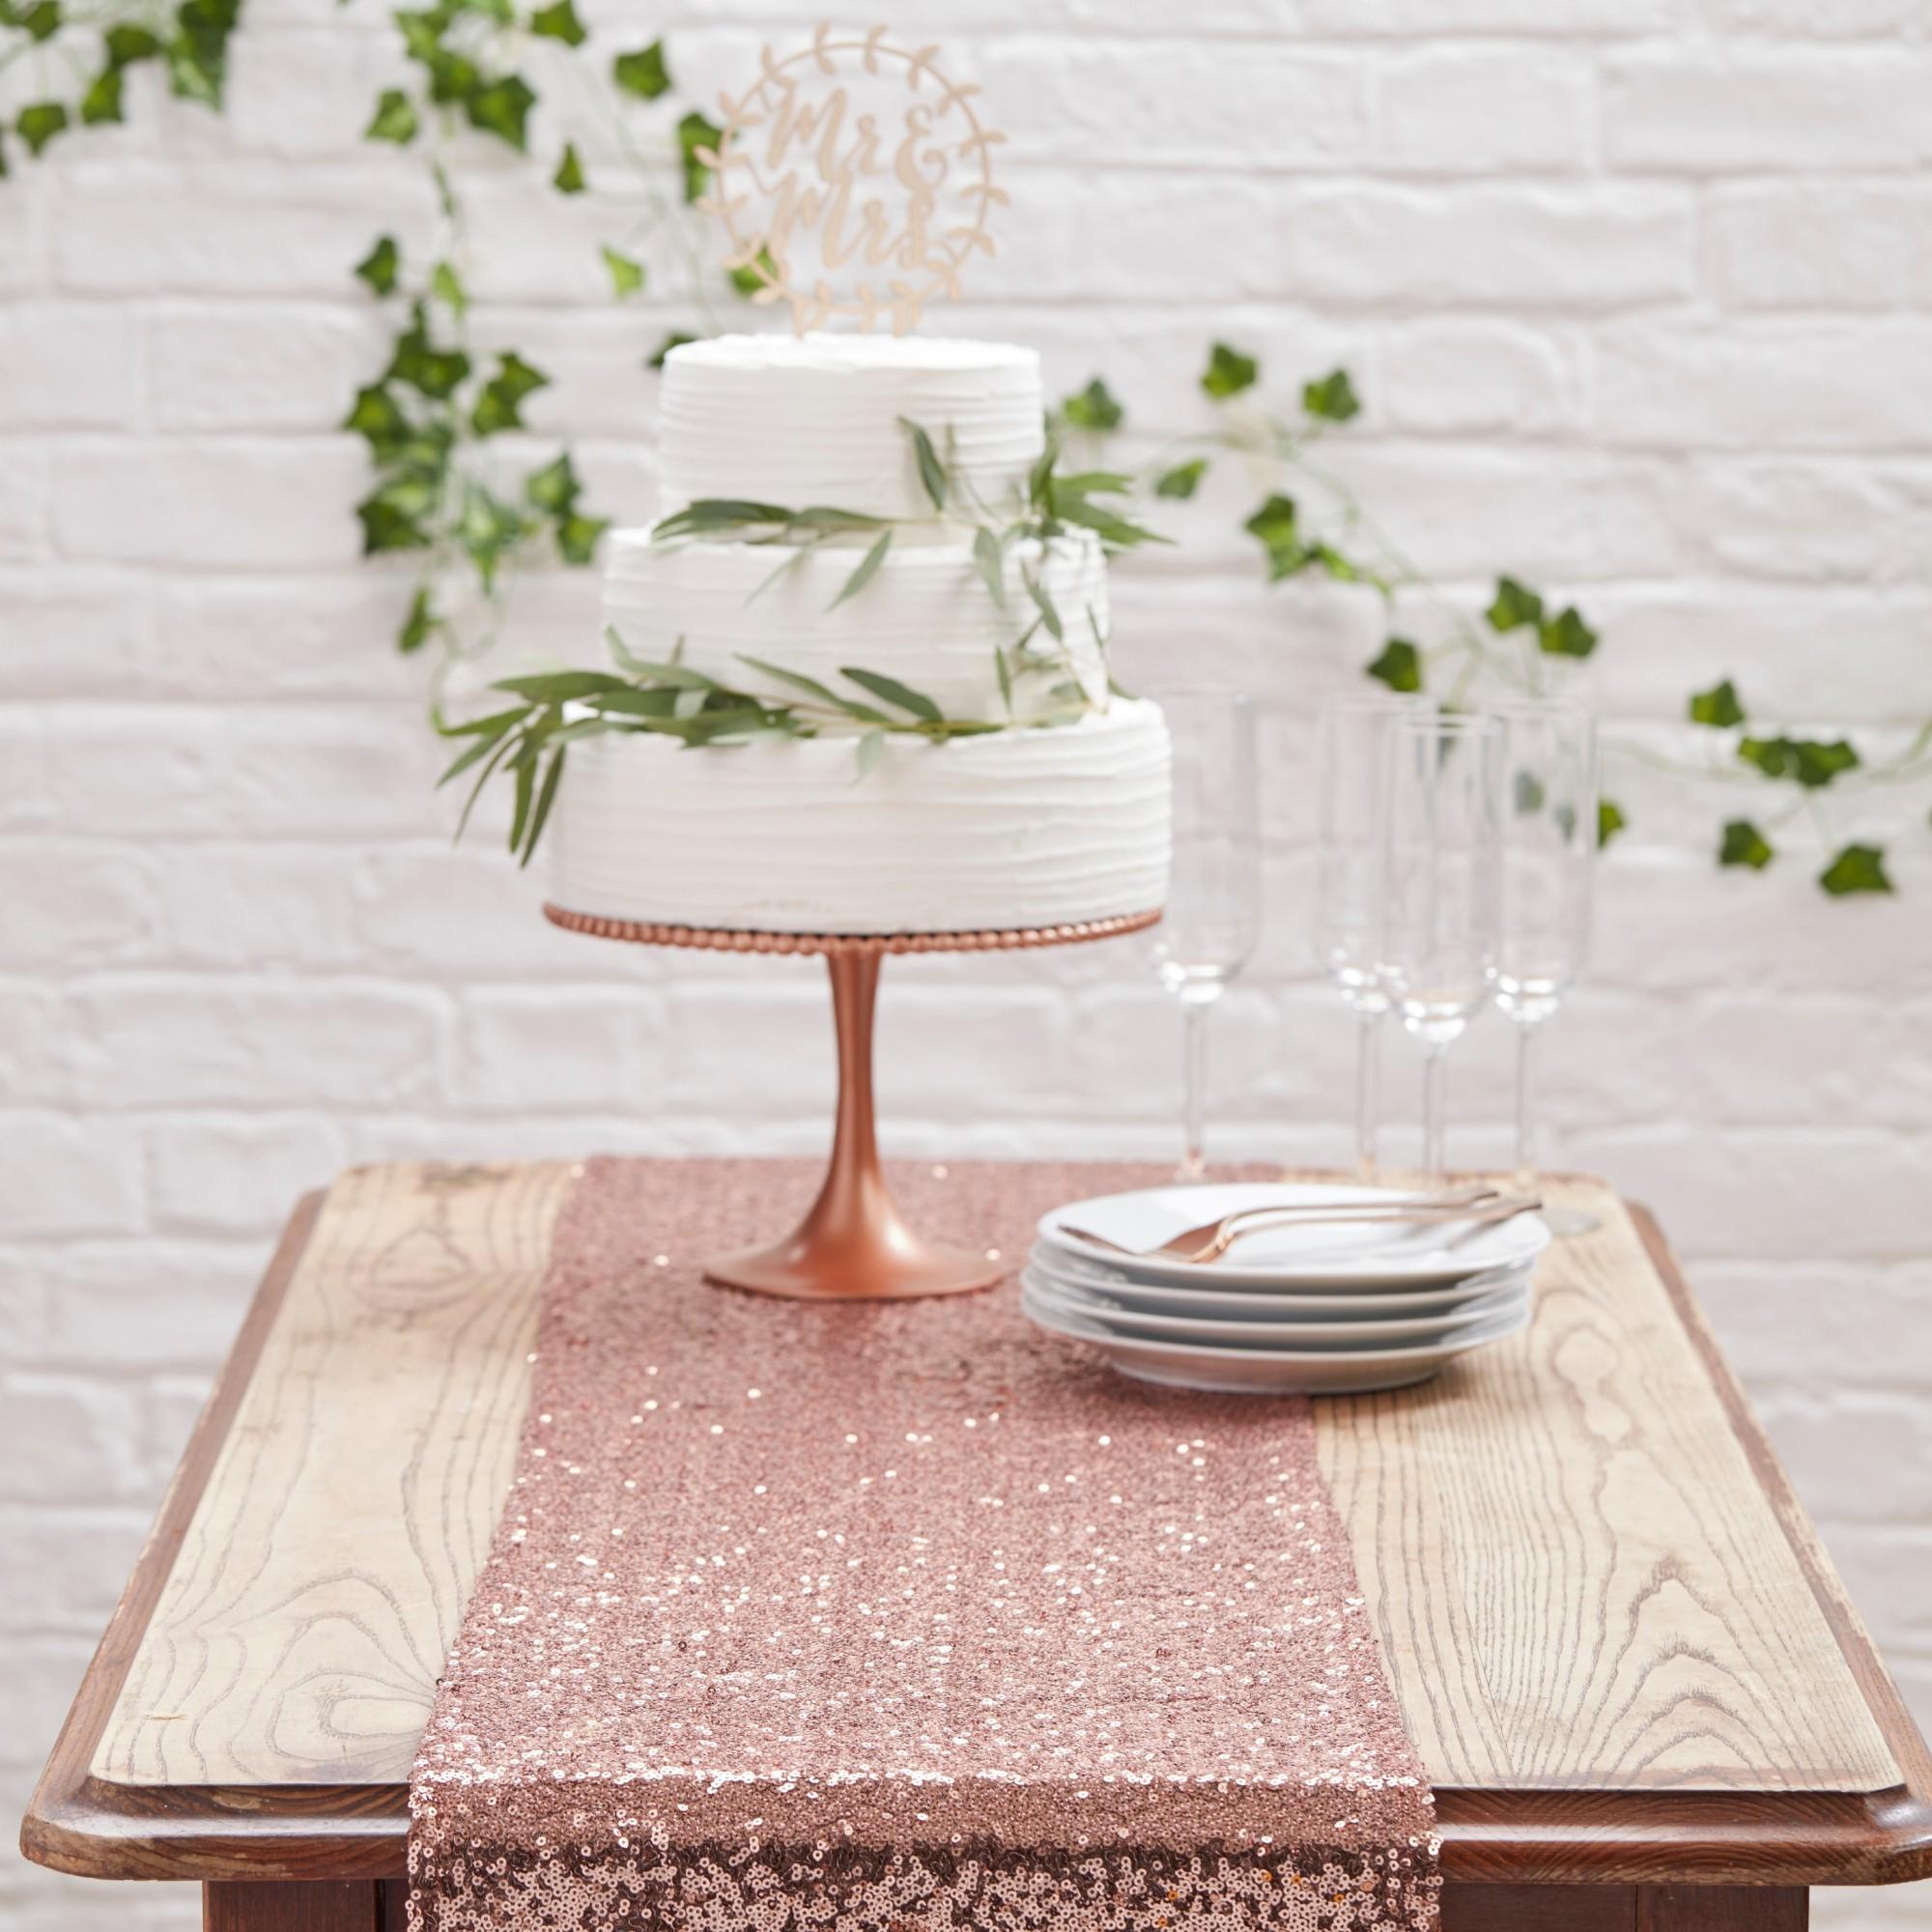 Best Winter wedding decor ideas: Sequin rose gold runner